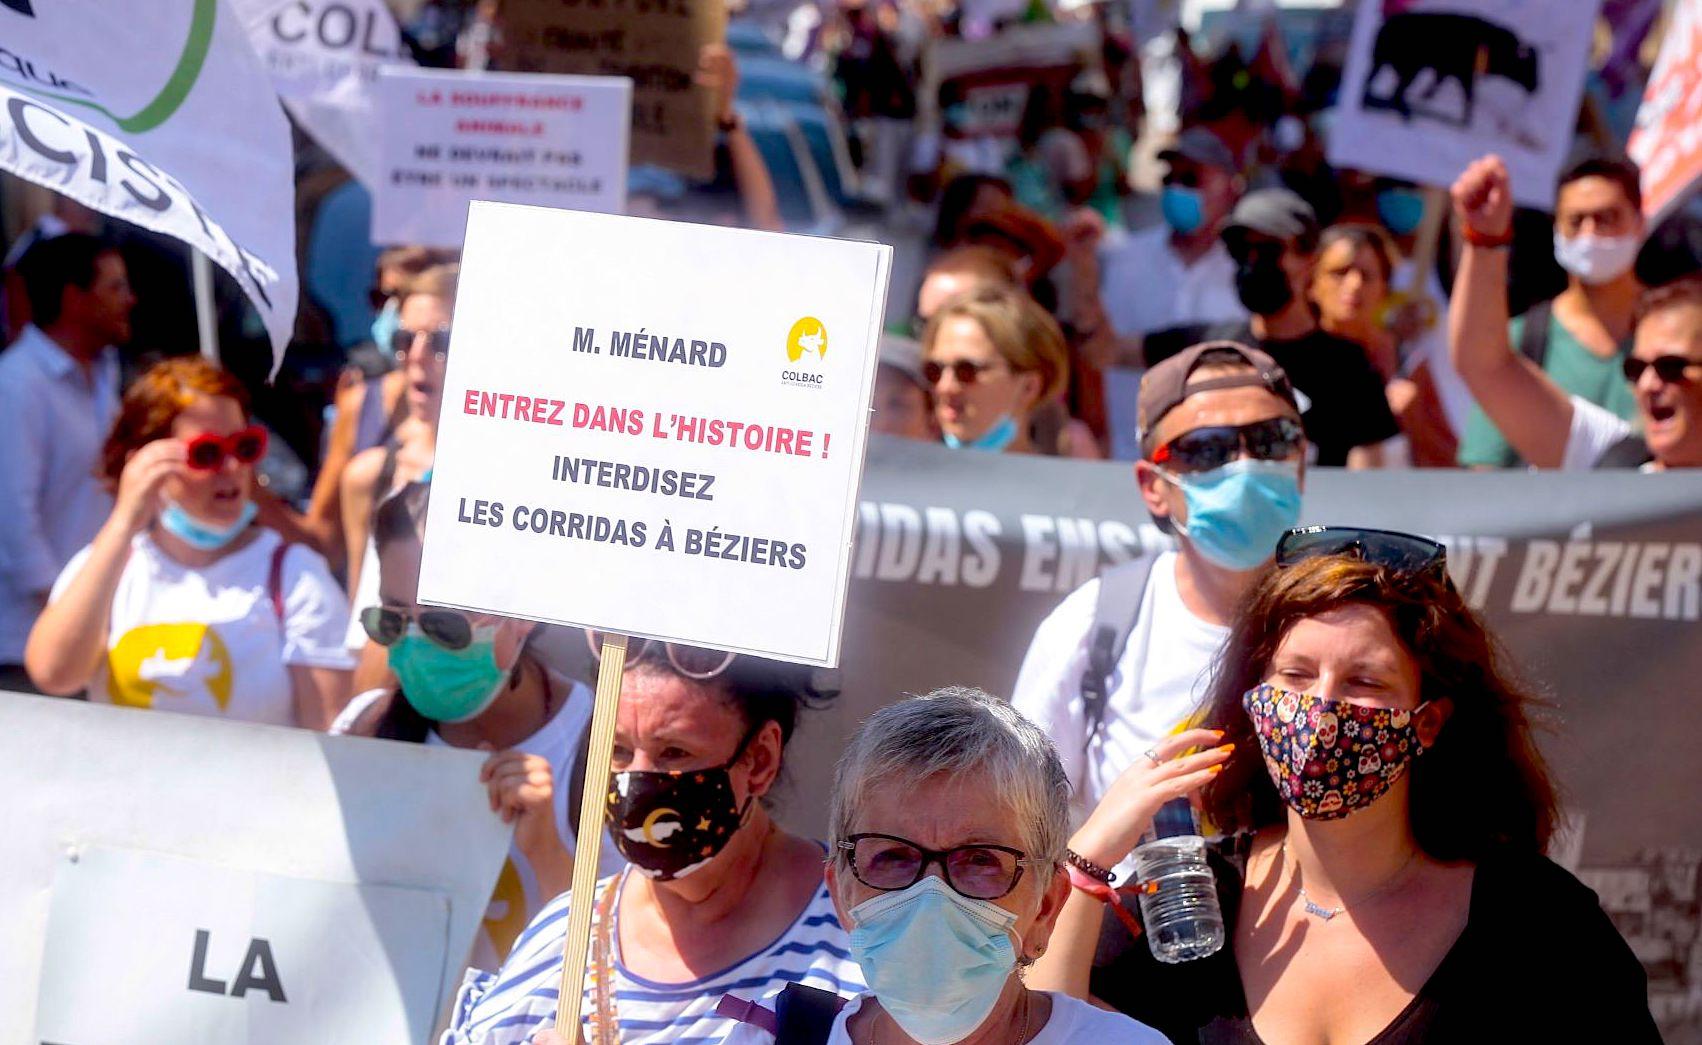 Marche Anti Corrida Beziers (©Tiziana)